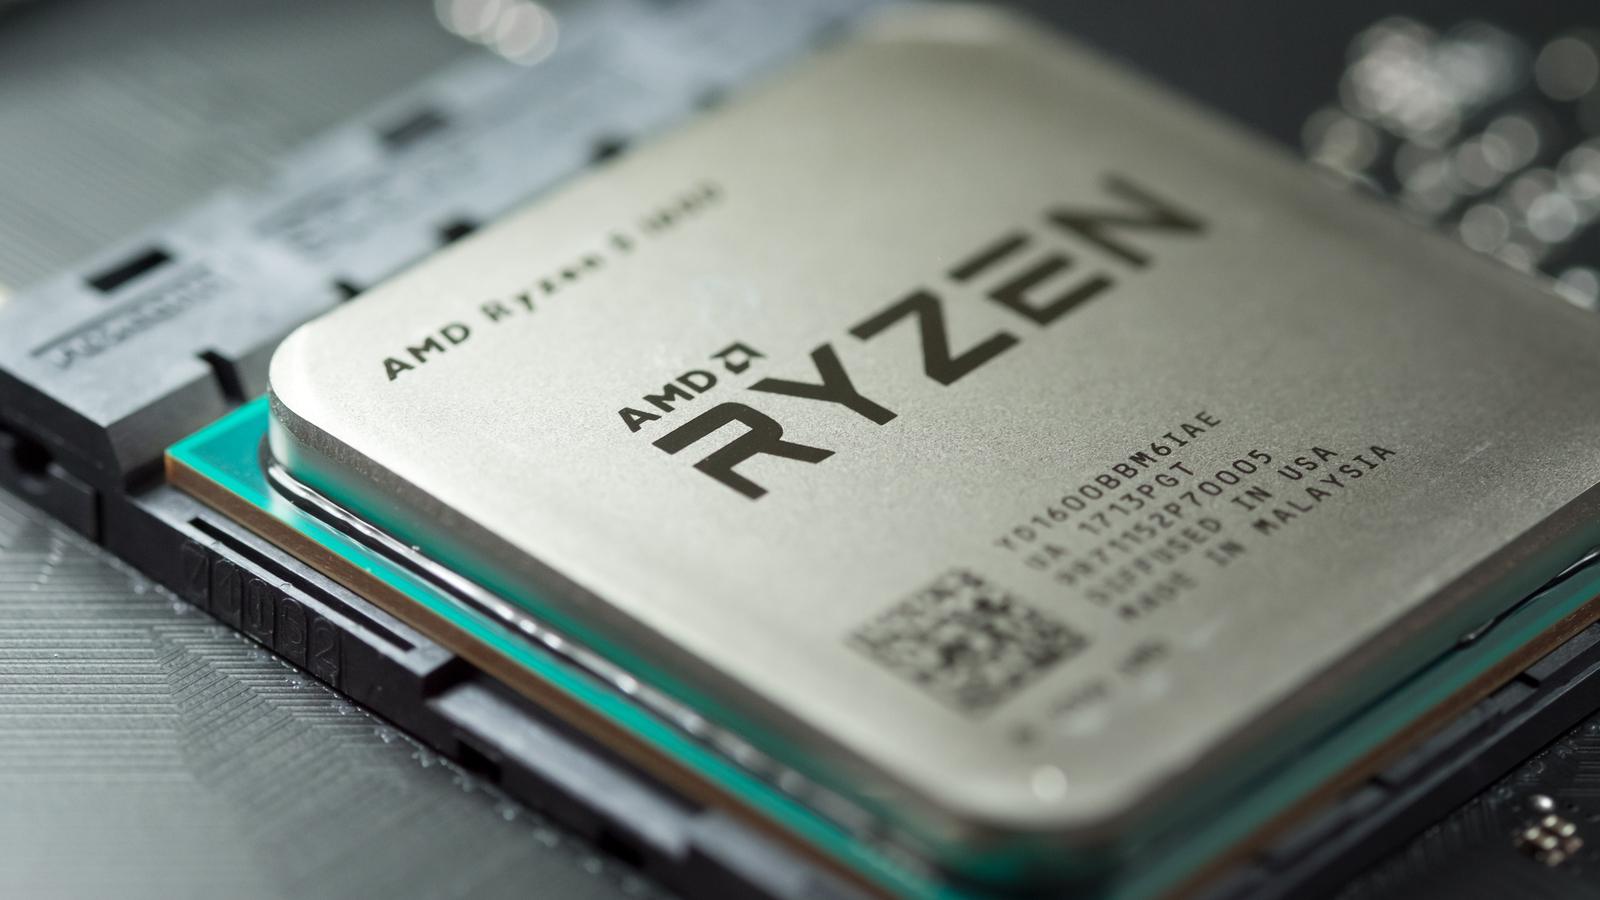 Il n'y a pas assez de stocks pour le processeur AMD Ryzen 3ème génération